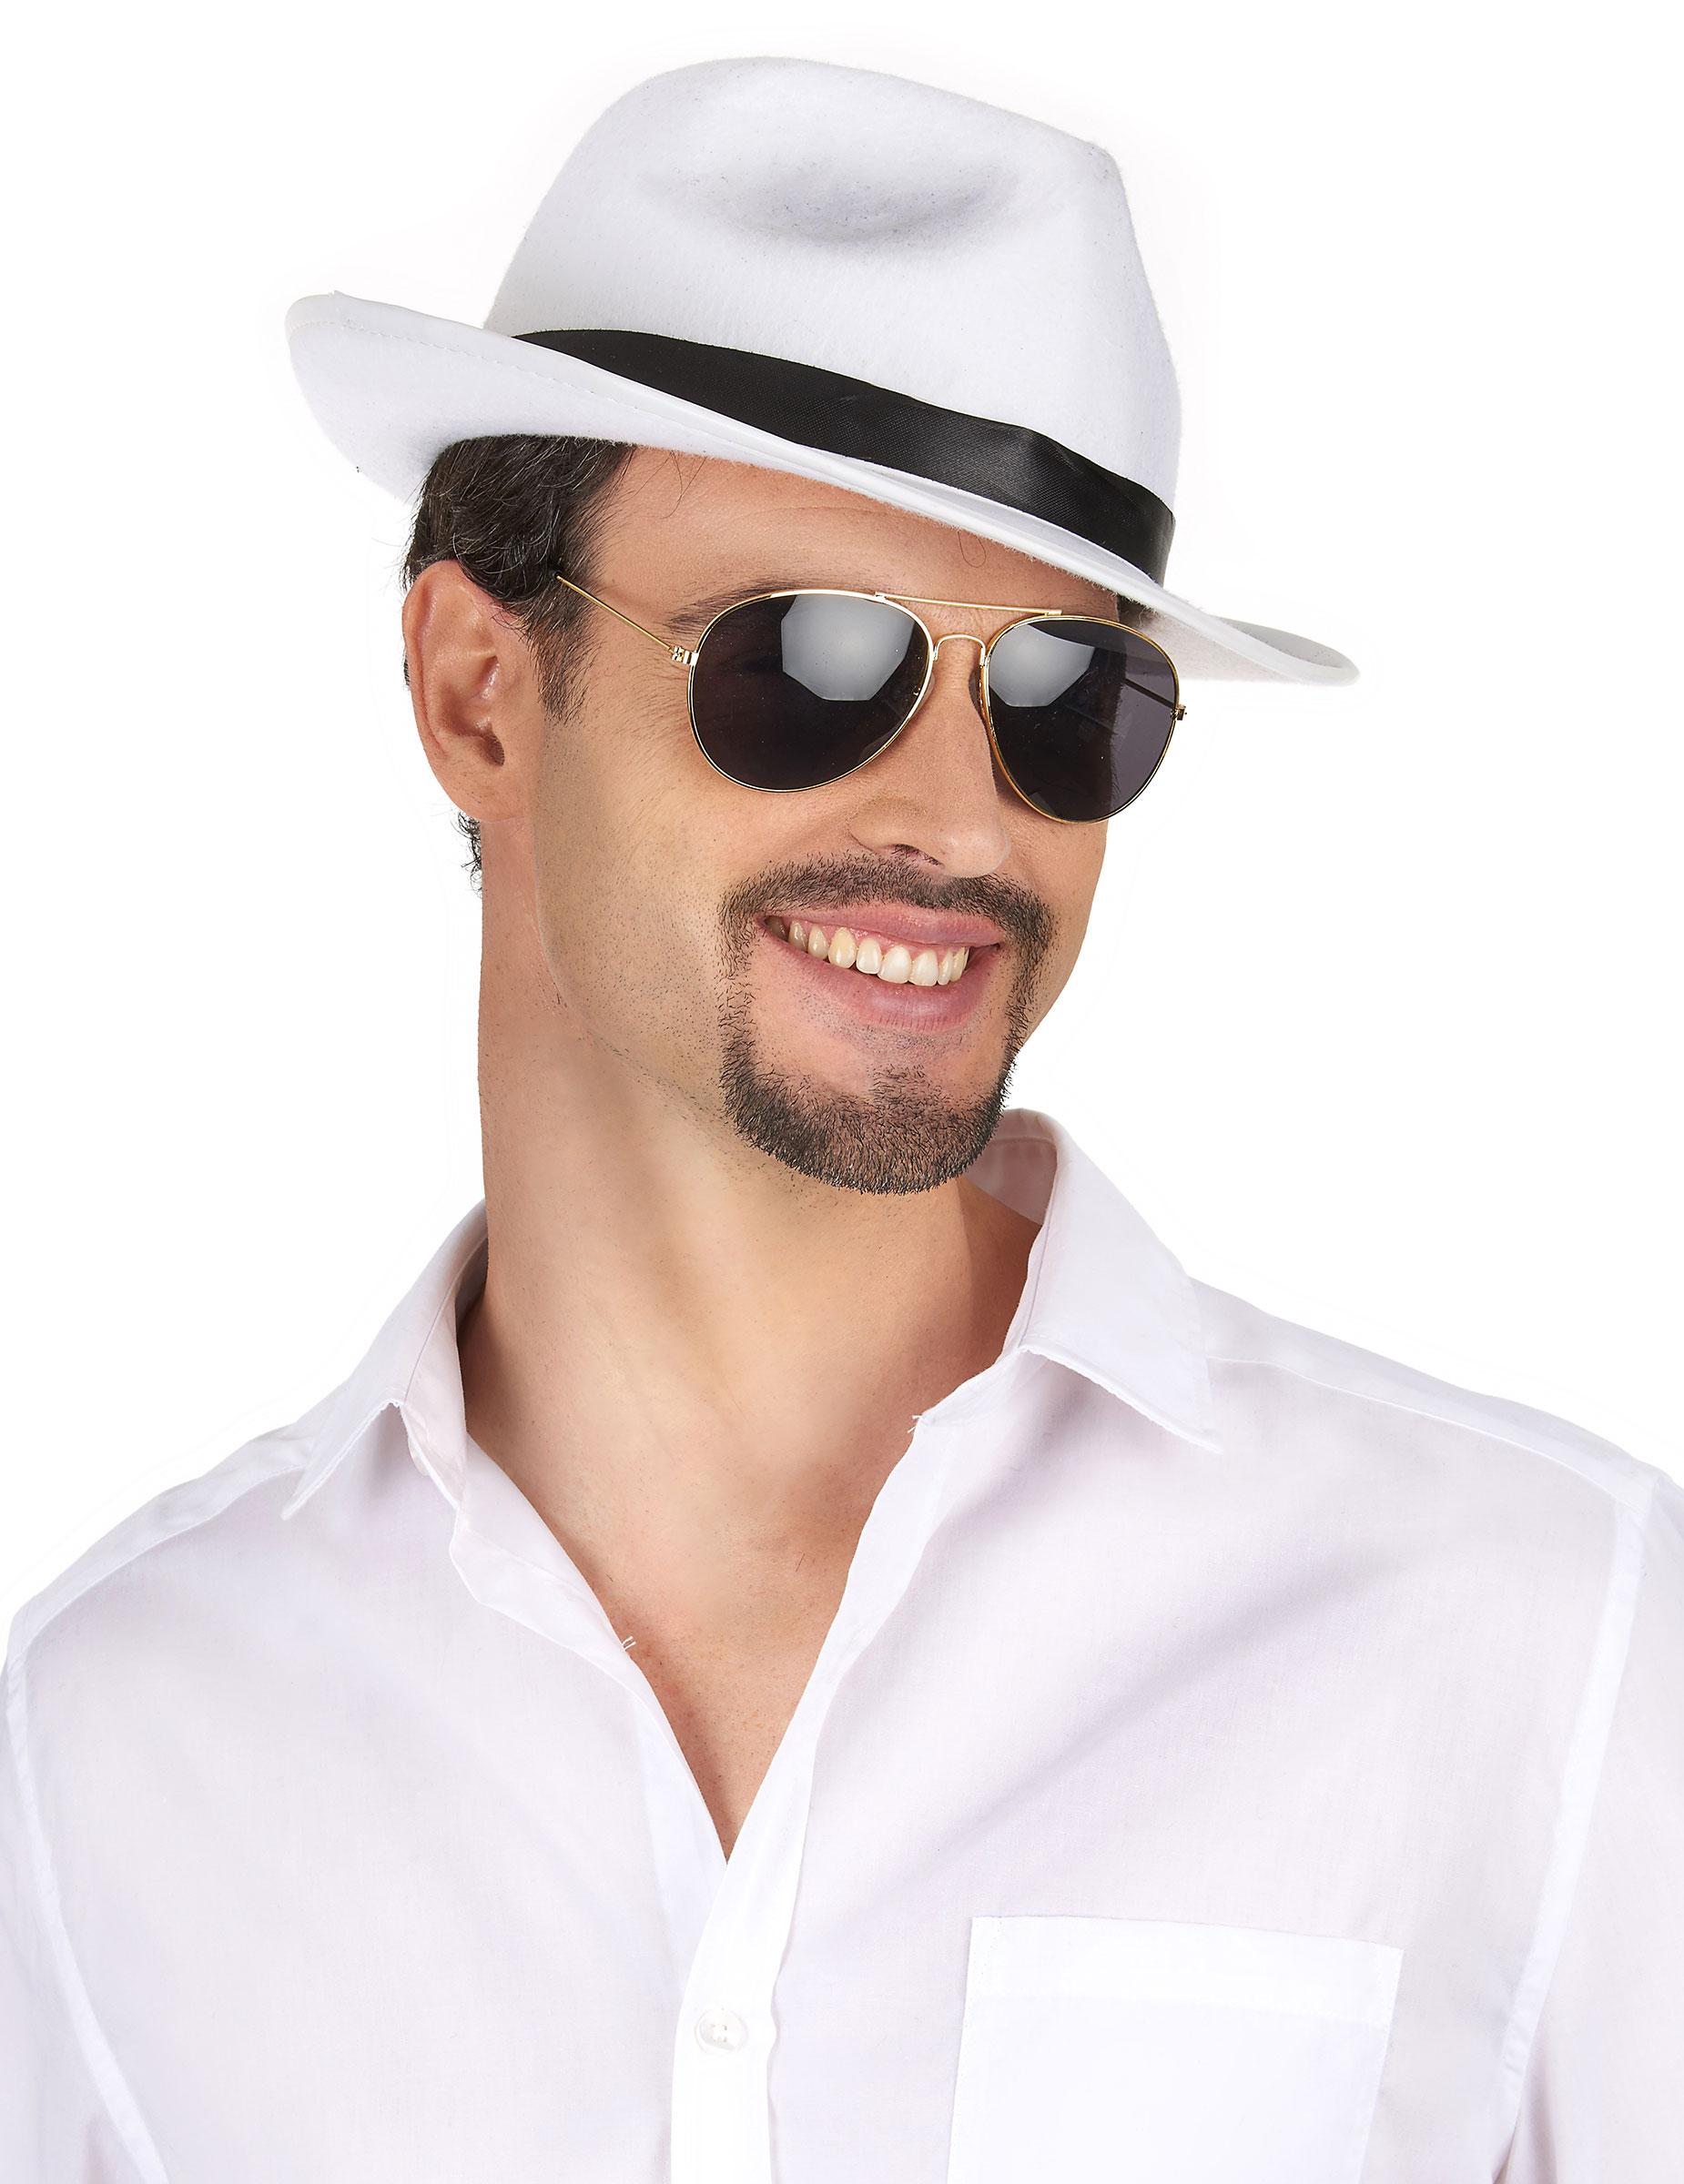 Cappello da gangster bianco e nero per adulti su VegaooParty ... 2d87f357b4d0